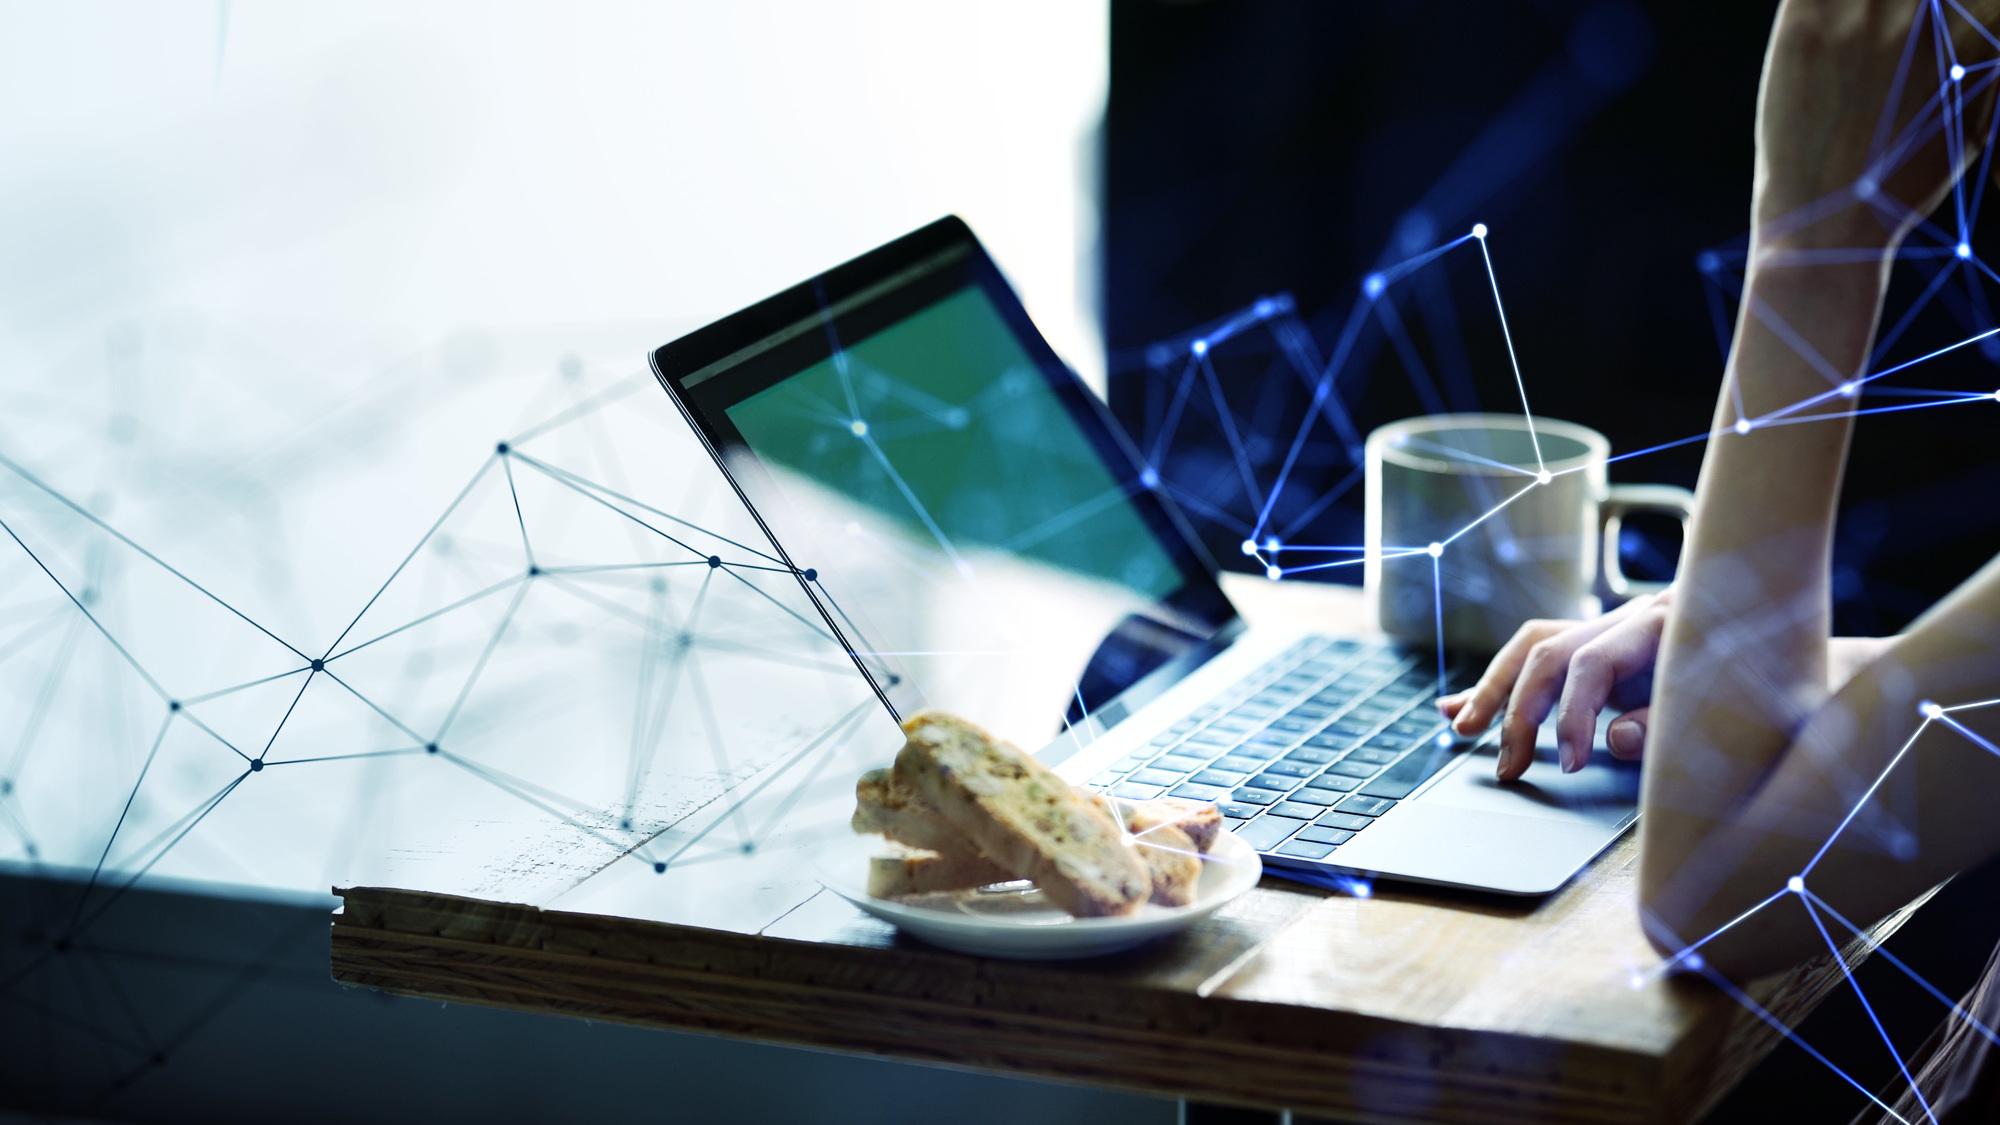 自宅にいながら会社PCに遠隔でアクセス!ツールとメリットをご紹介します。